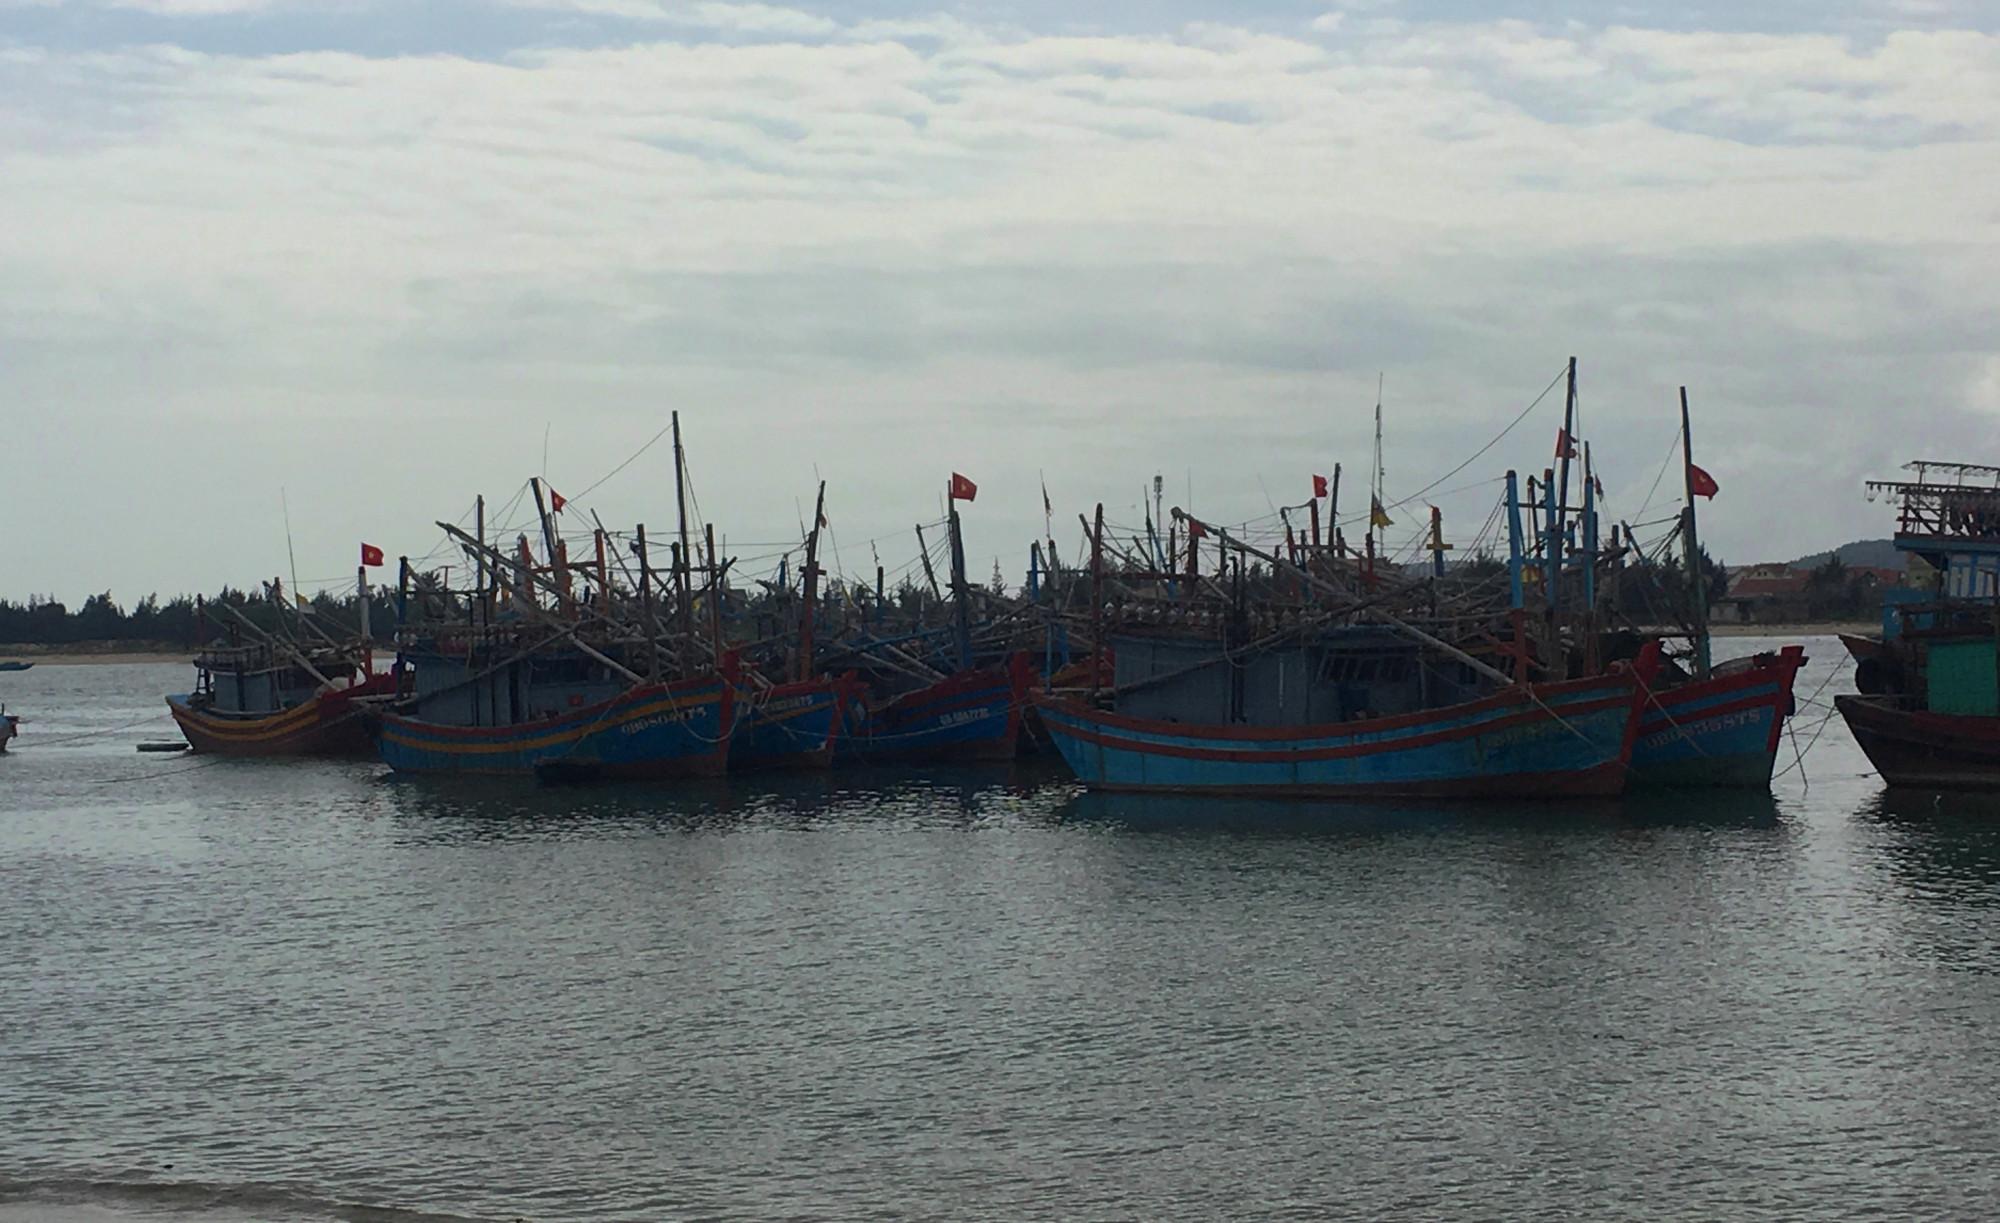 Trong khi đánh bắt trên biển, ngư dân thường gặp nhiều loài thủy sản tiềm ẩn độc tố nhưng không biết